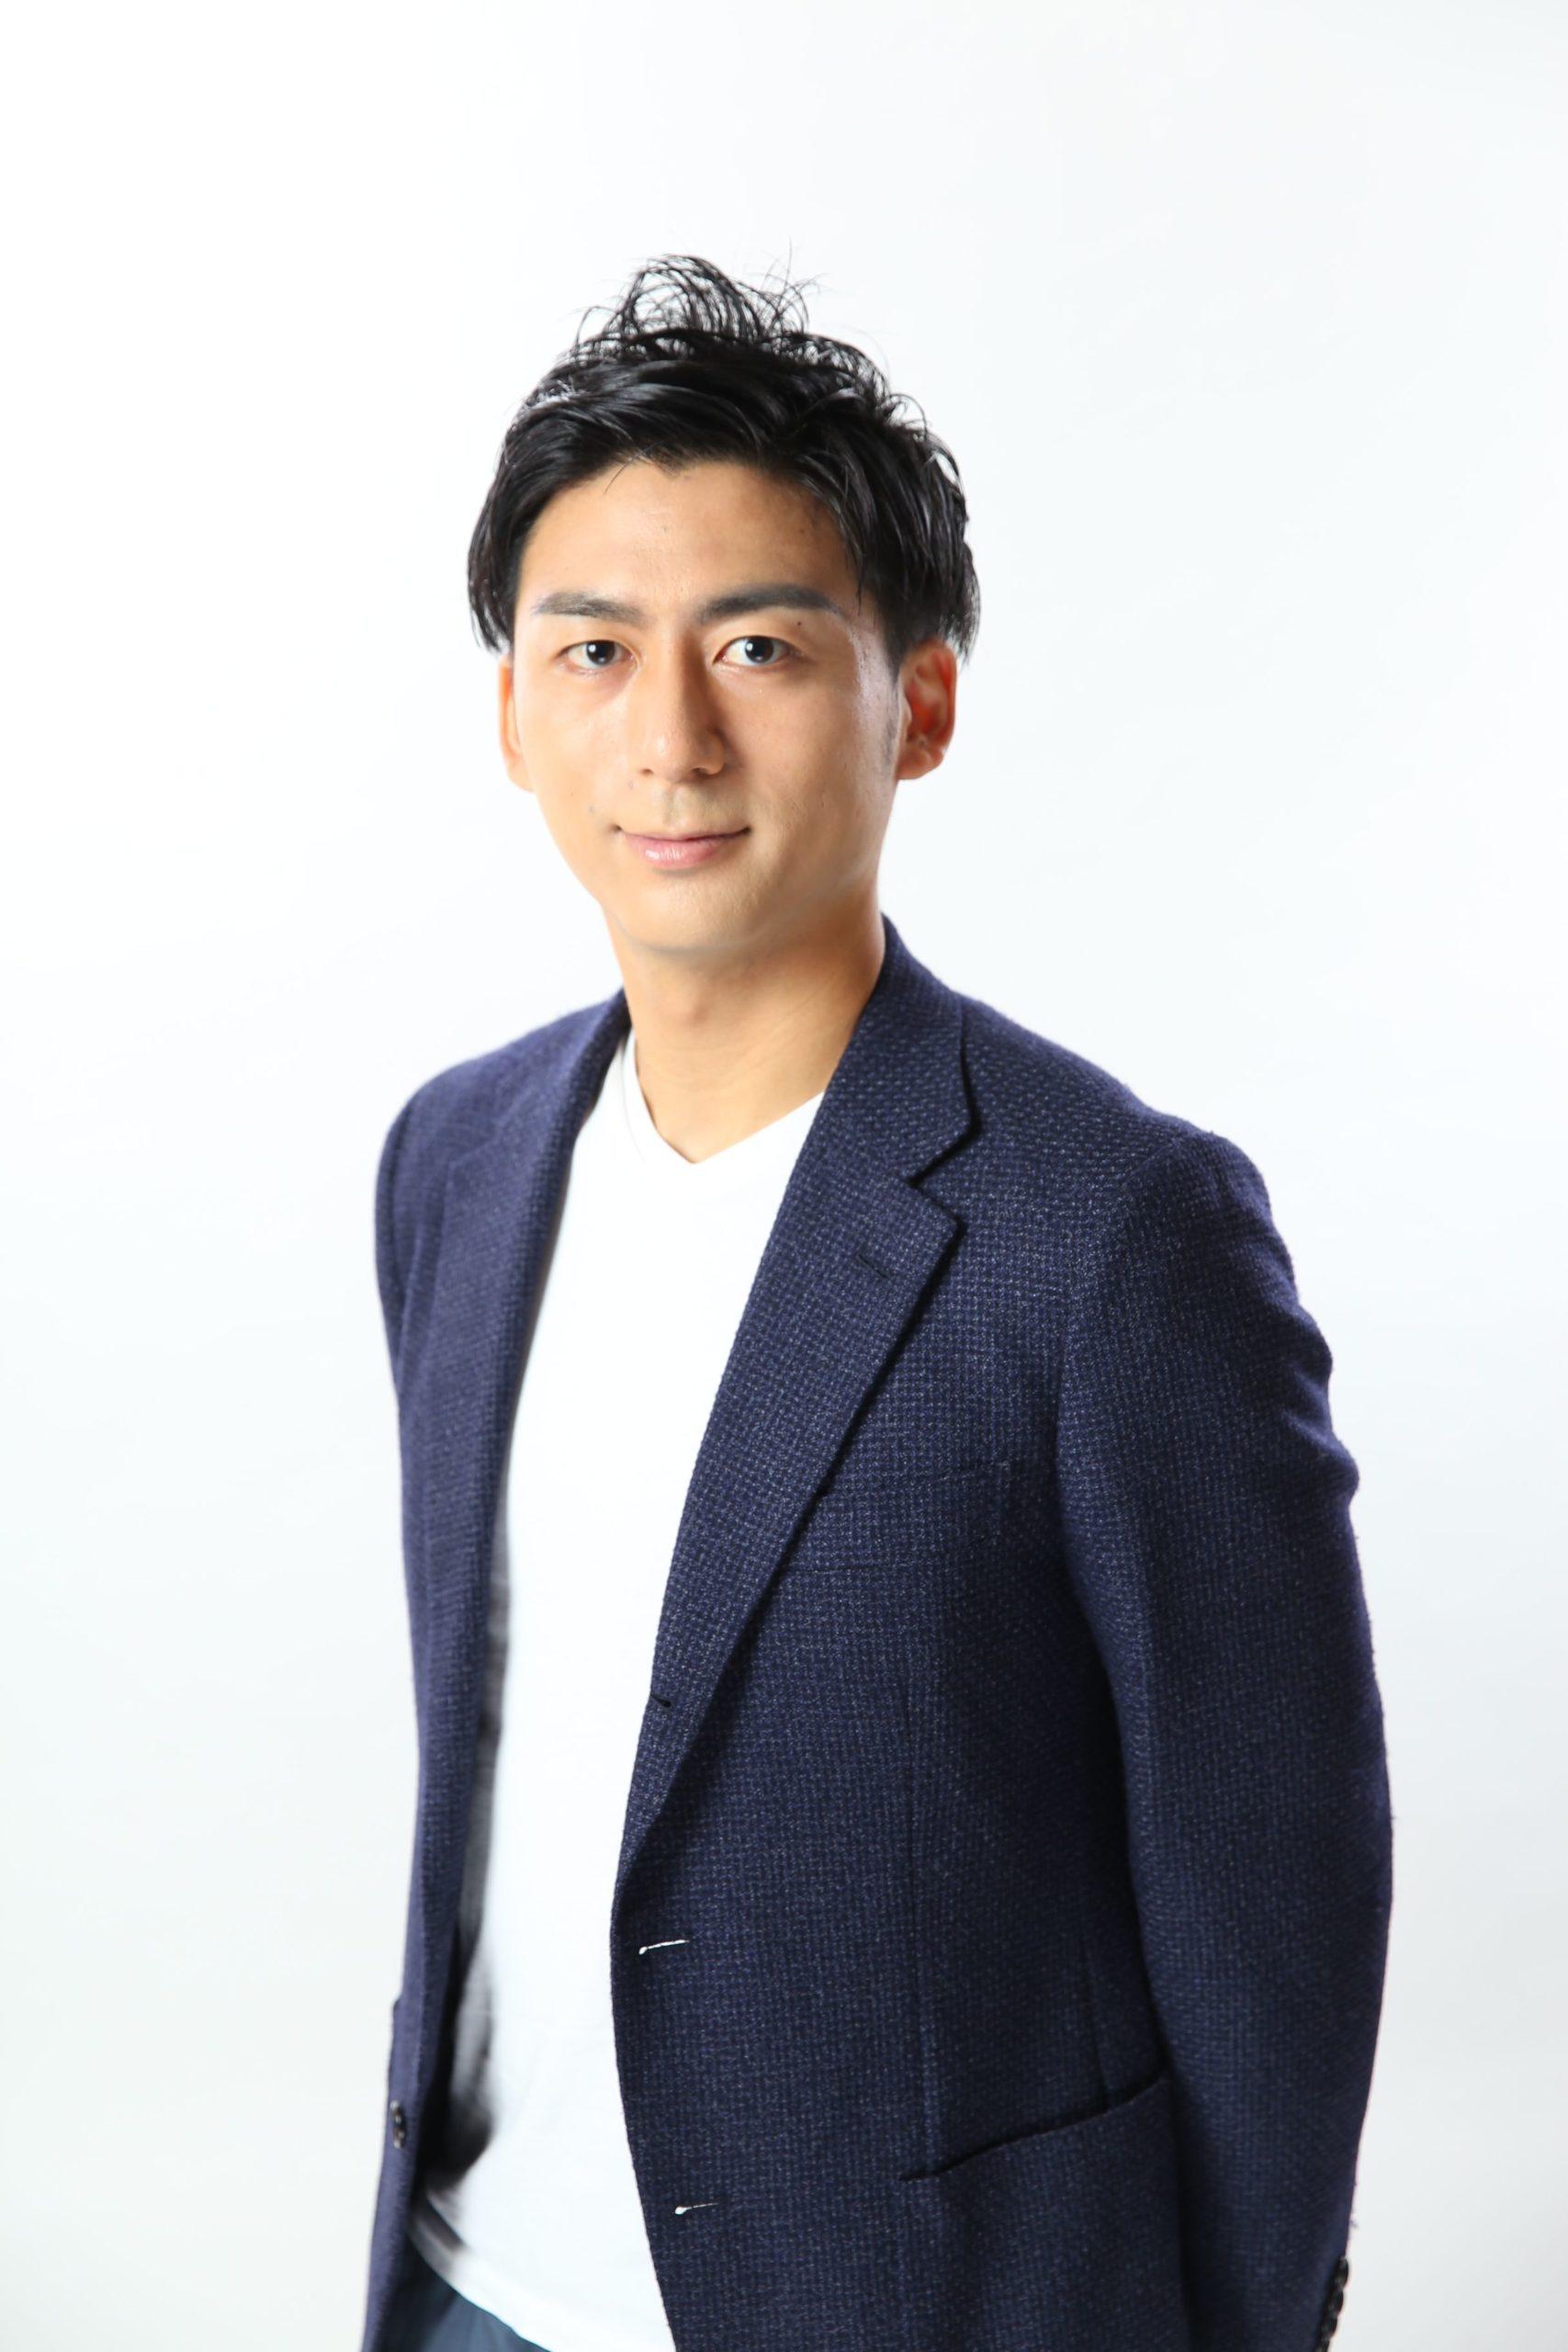 梶ヶ野 翔太(かじがの しょうた)